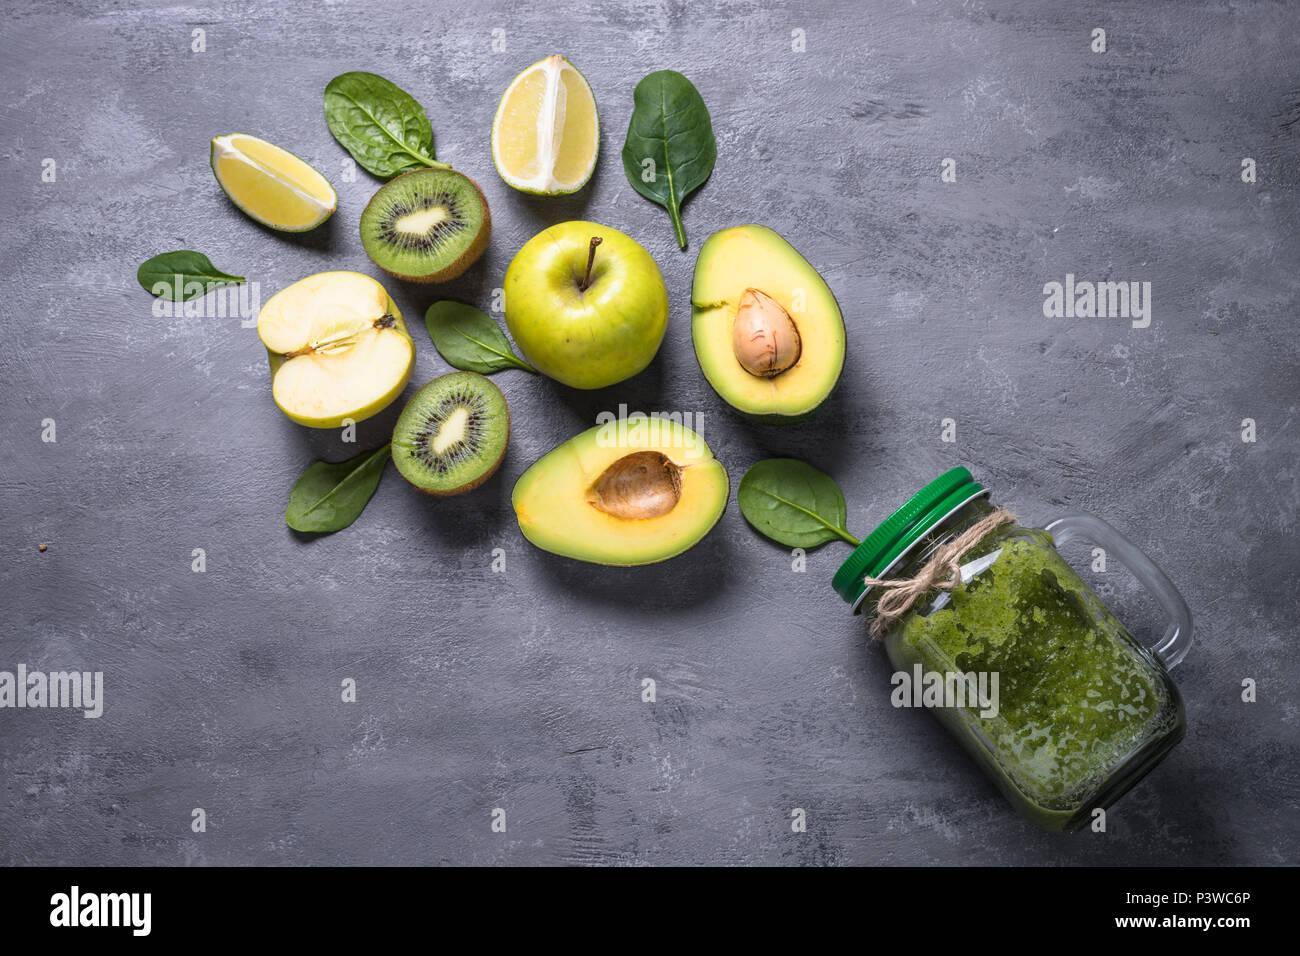 Smoothie verde en mason jar y los ingredientes. Fuentes alimenticias, desintoxicación, dieta, alimentos saludables. Cal, Apple, espinacas, aguacate y limón Imagen De Stock